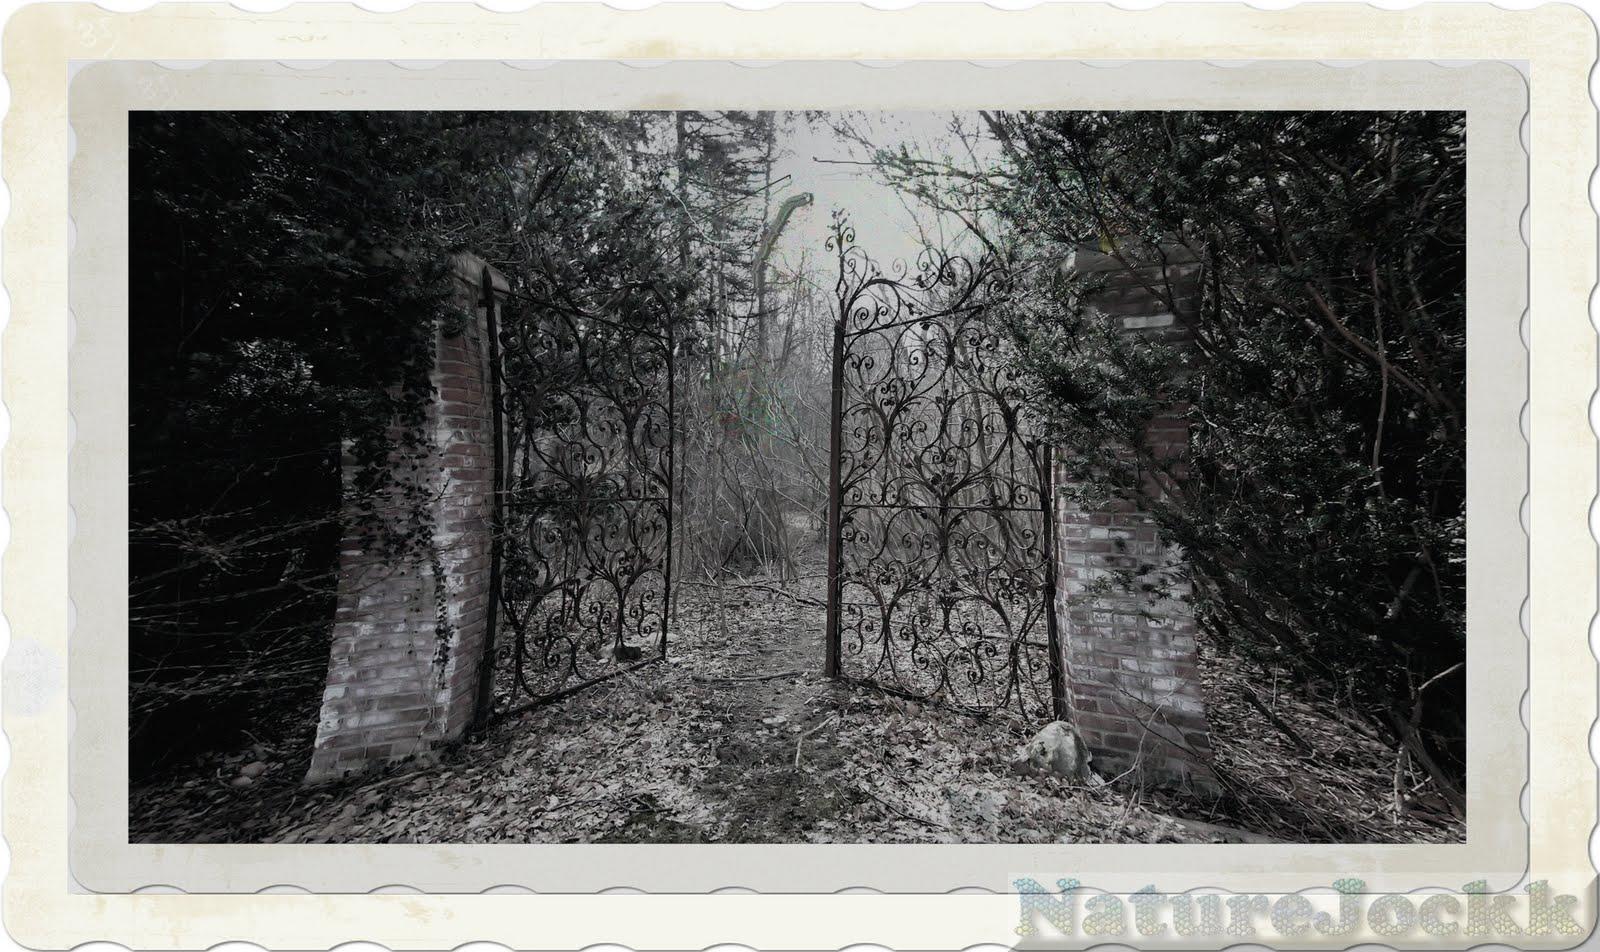 http://3.bp.blogspot.com/_6ANko4sjweM/SxPrYgCXRTI/AAAAAAAAXKA/yvxgdngwVh0/s1600/Garden_3_Gates.jpg